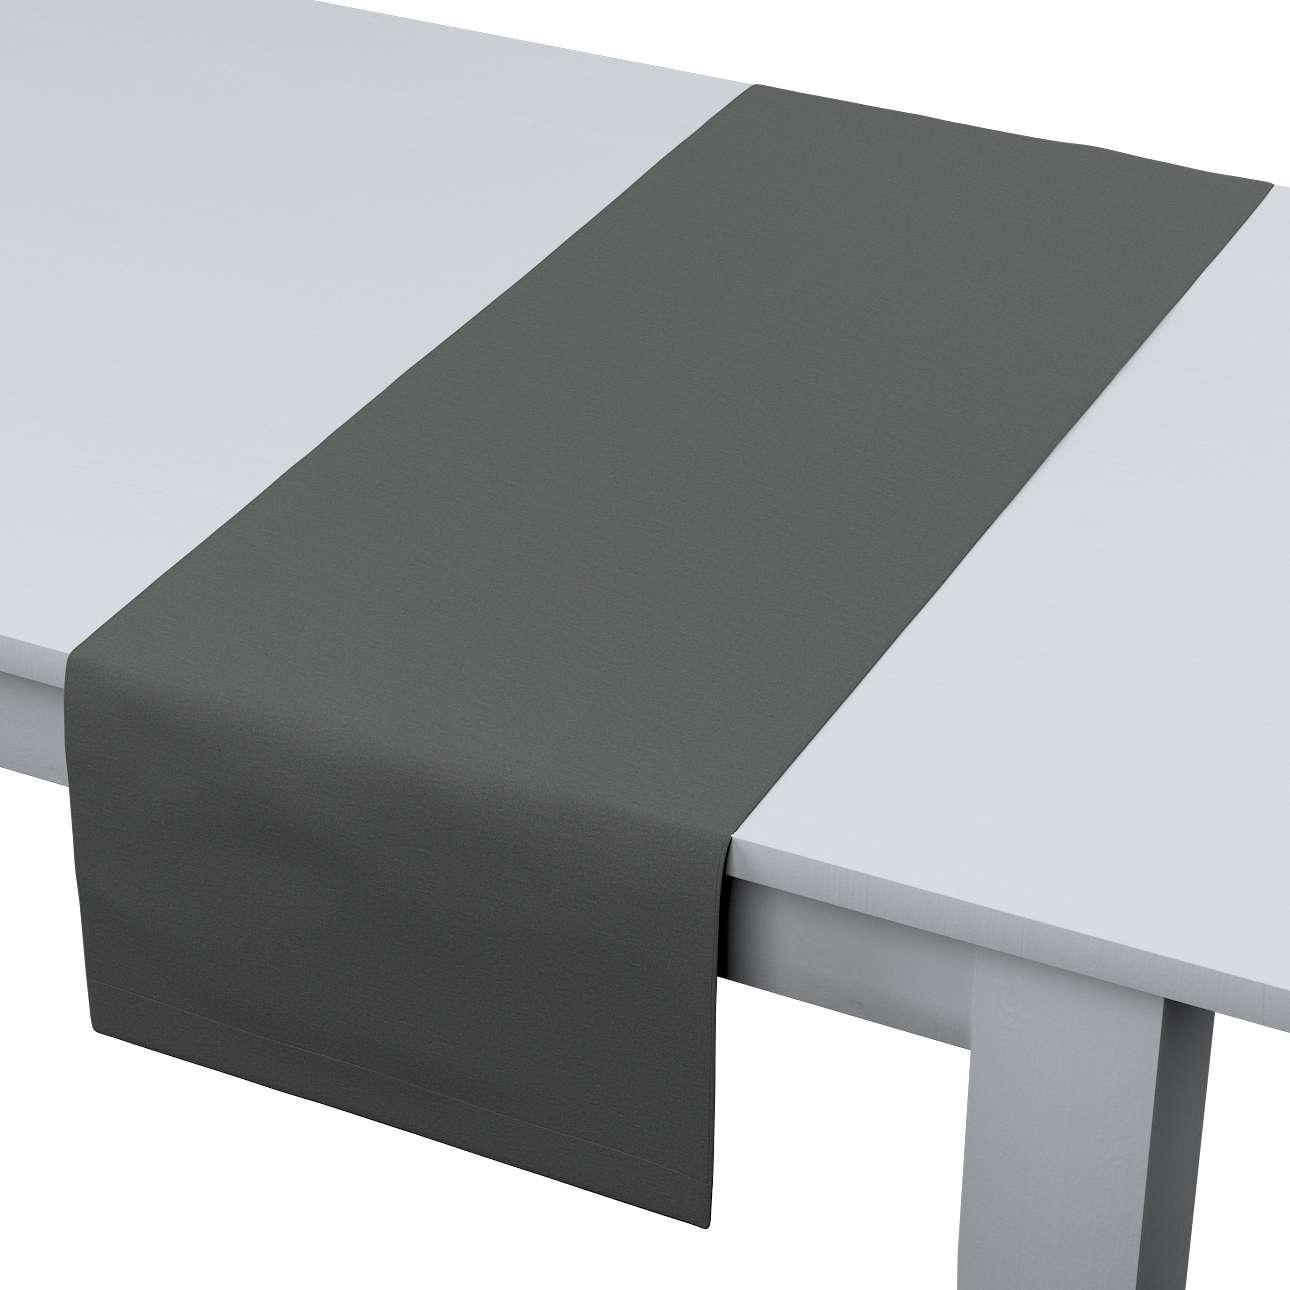 Rechteckiger Tischläufer 40 x 130 cm von der Kollektion Quadro, Stoff: 136-14